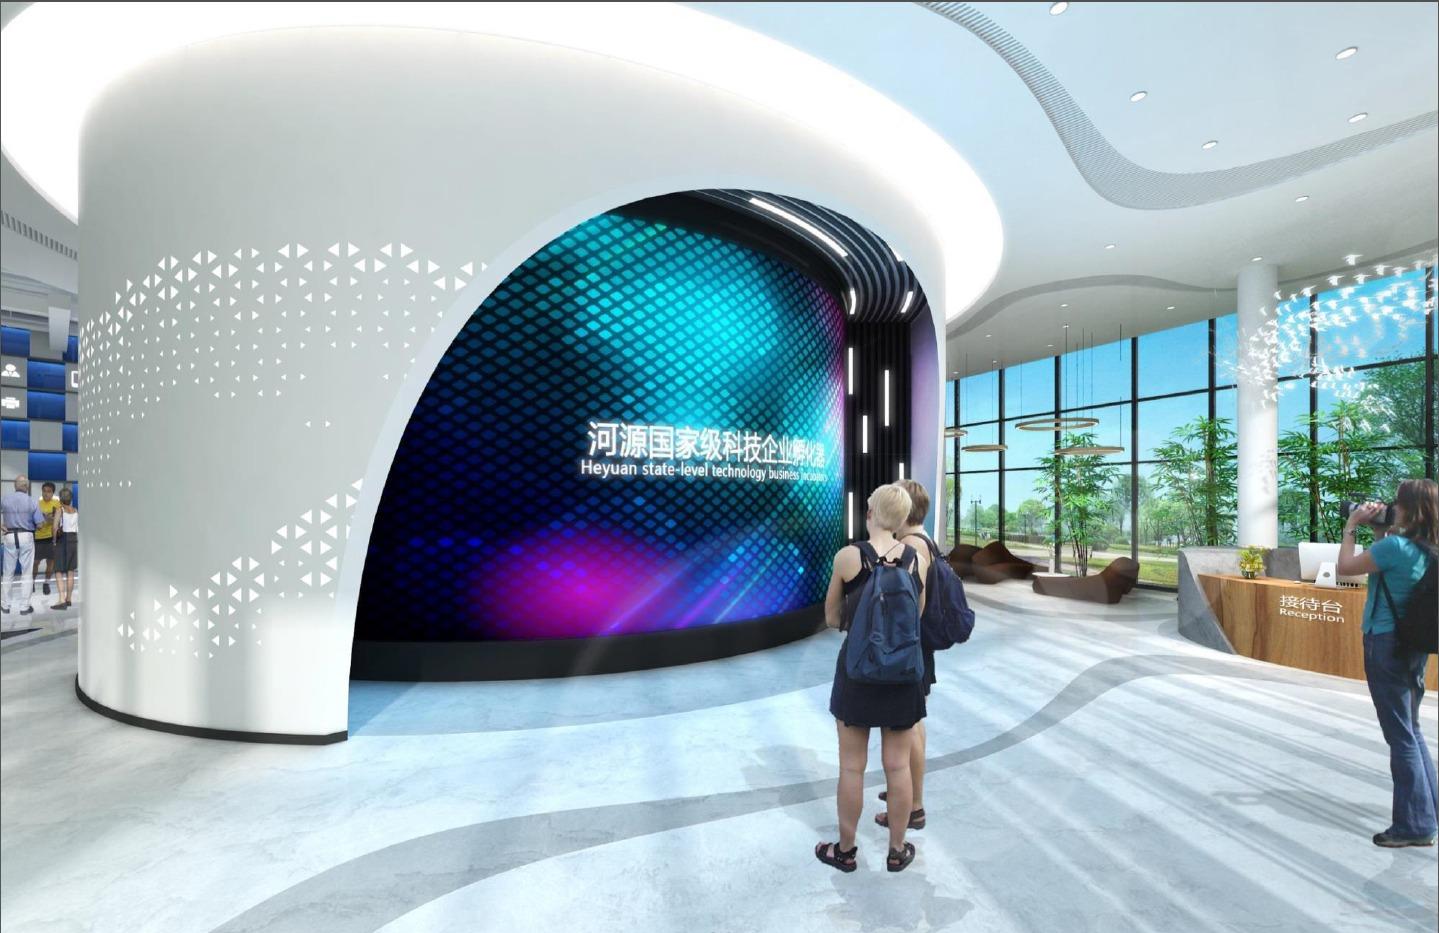 河源-国家级科技企业孵化器展厅